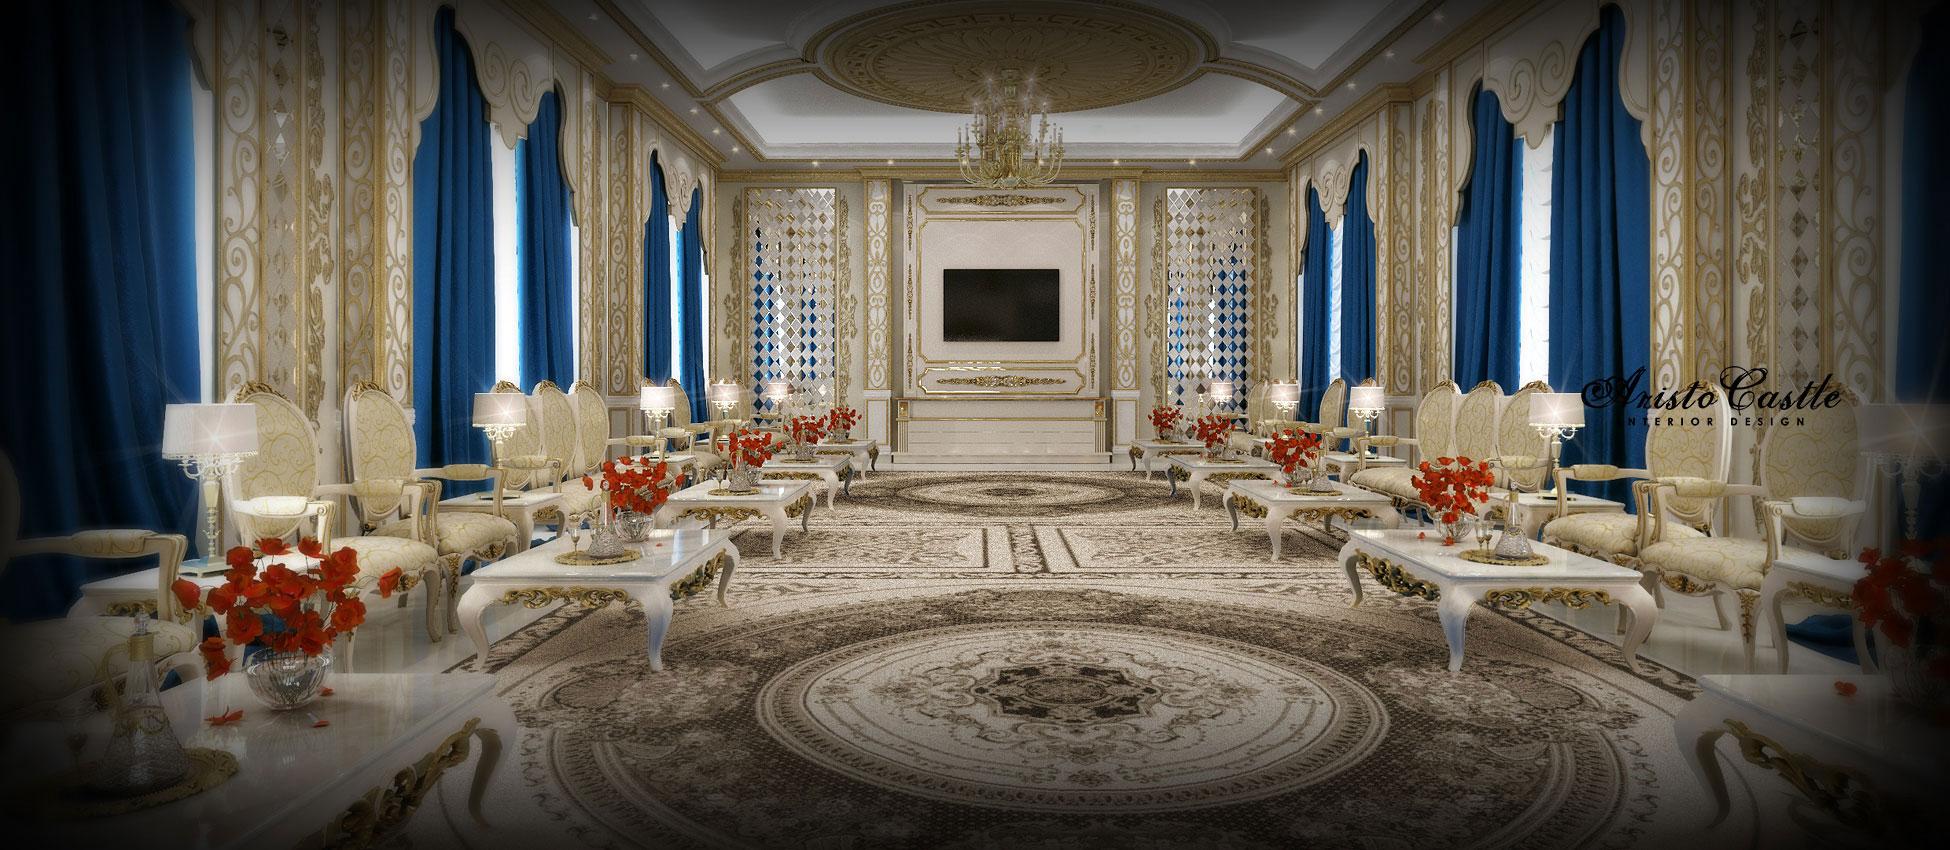 classic majlis designsaristo castlearisto castle interior